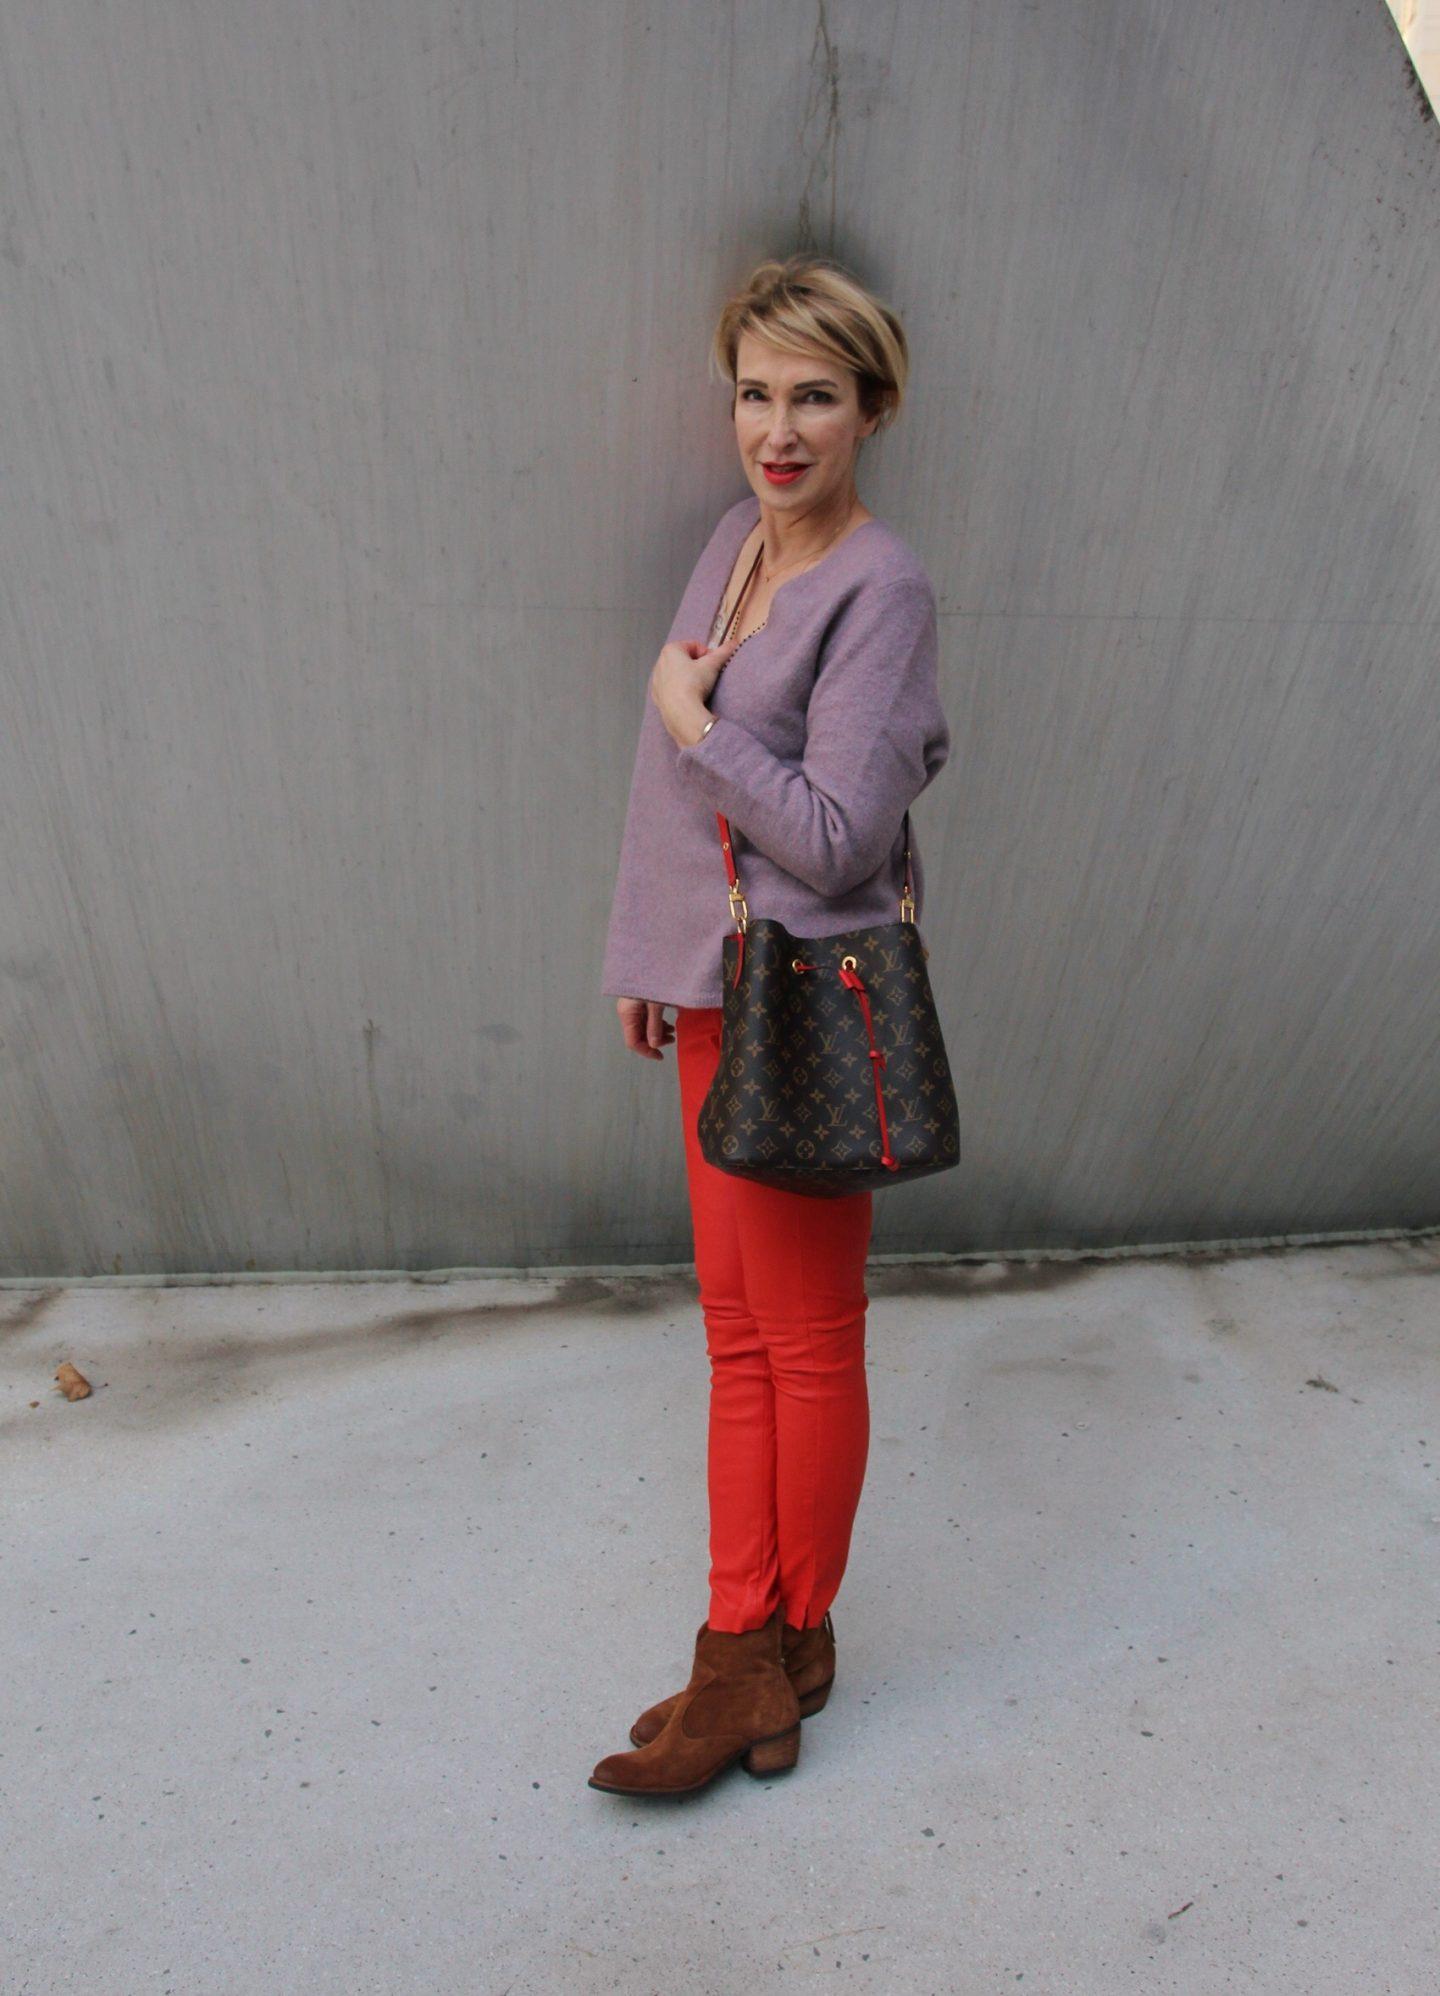 glamupyourlifestyle lederoptik lederhose ue-40-blog ue-50-blog ü-50-mode